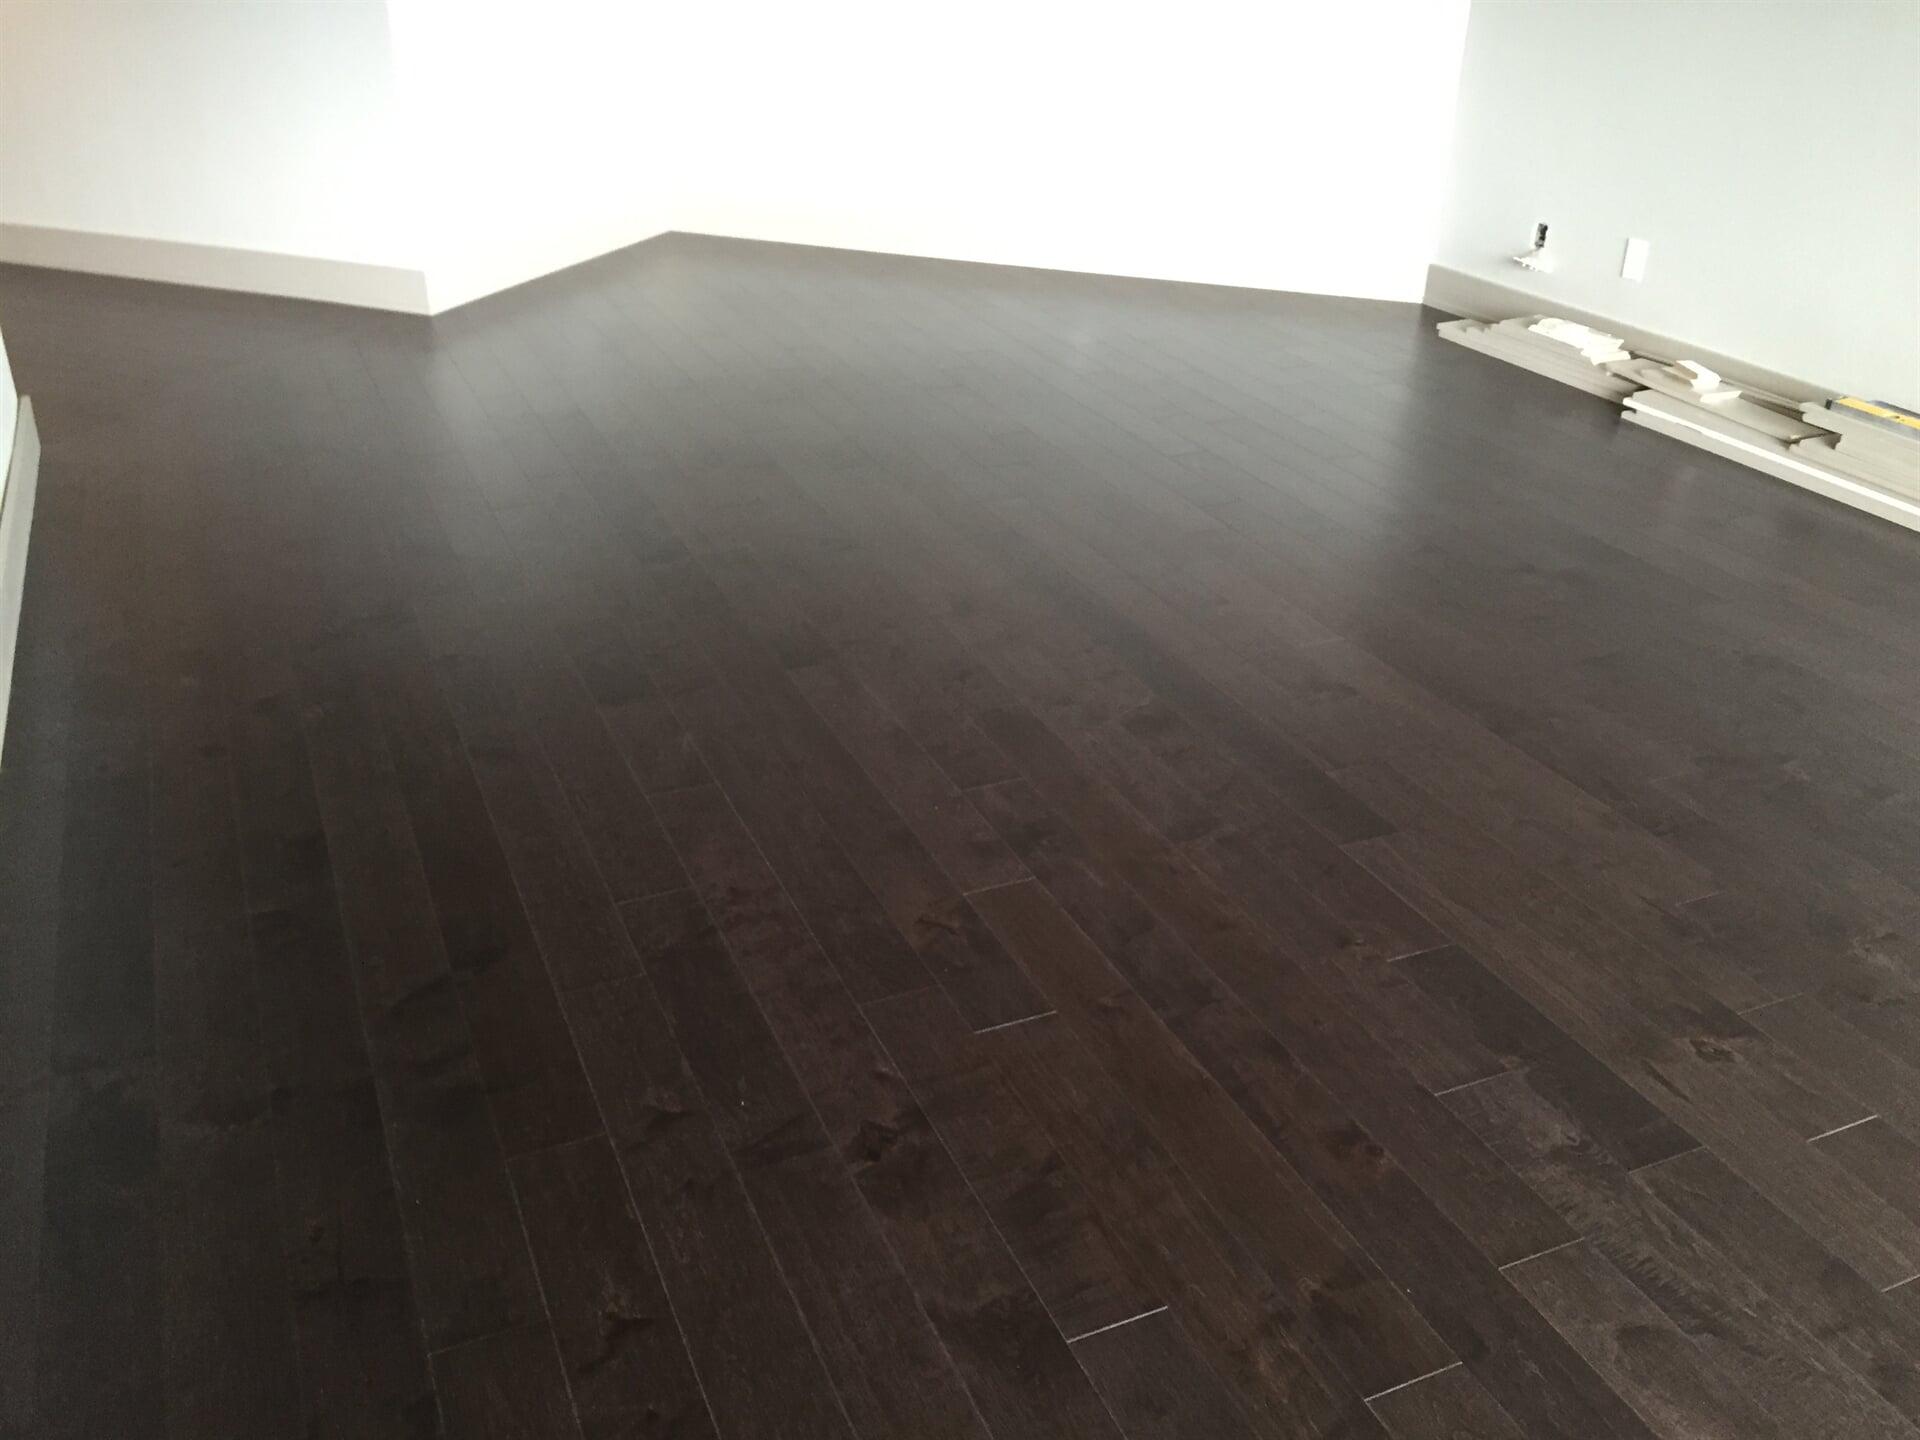 Dark wood-look flooring in Seminole, FL from Floor Depot